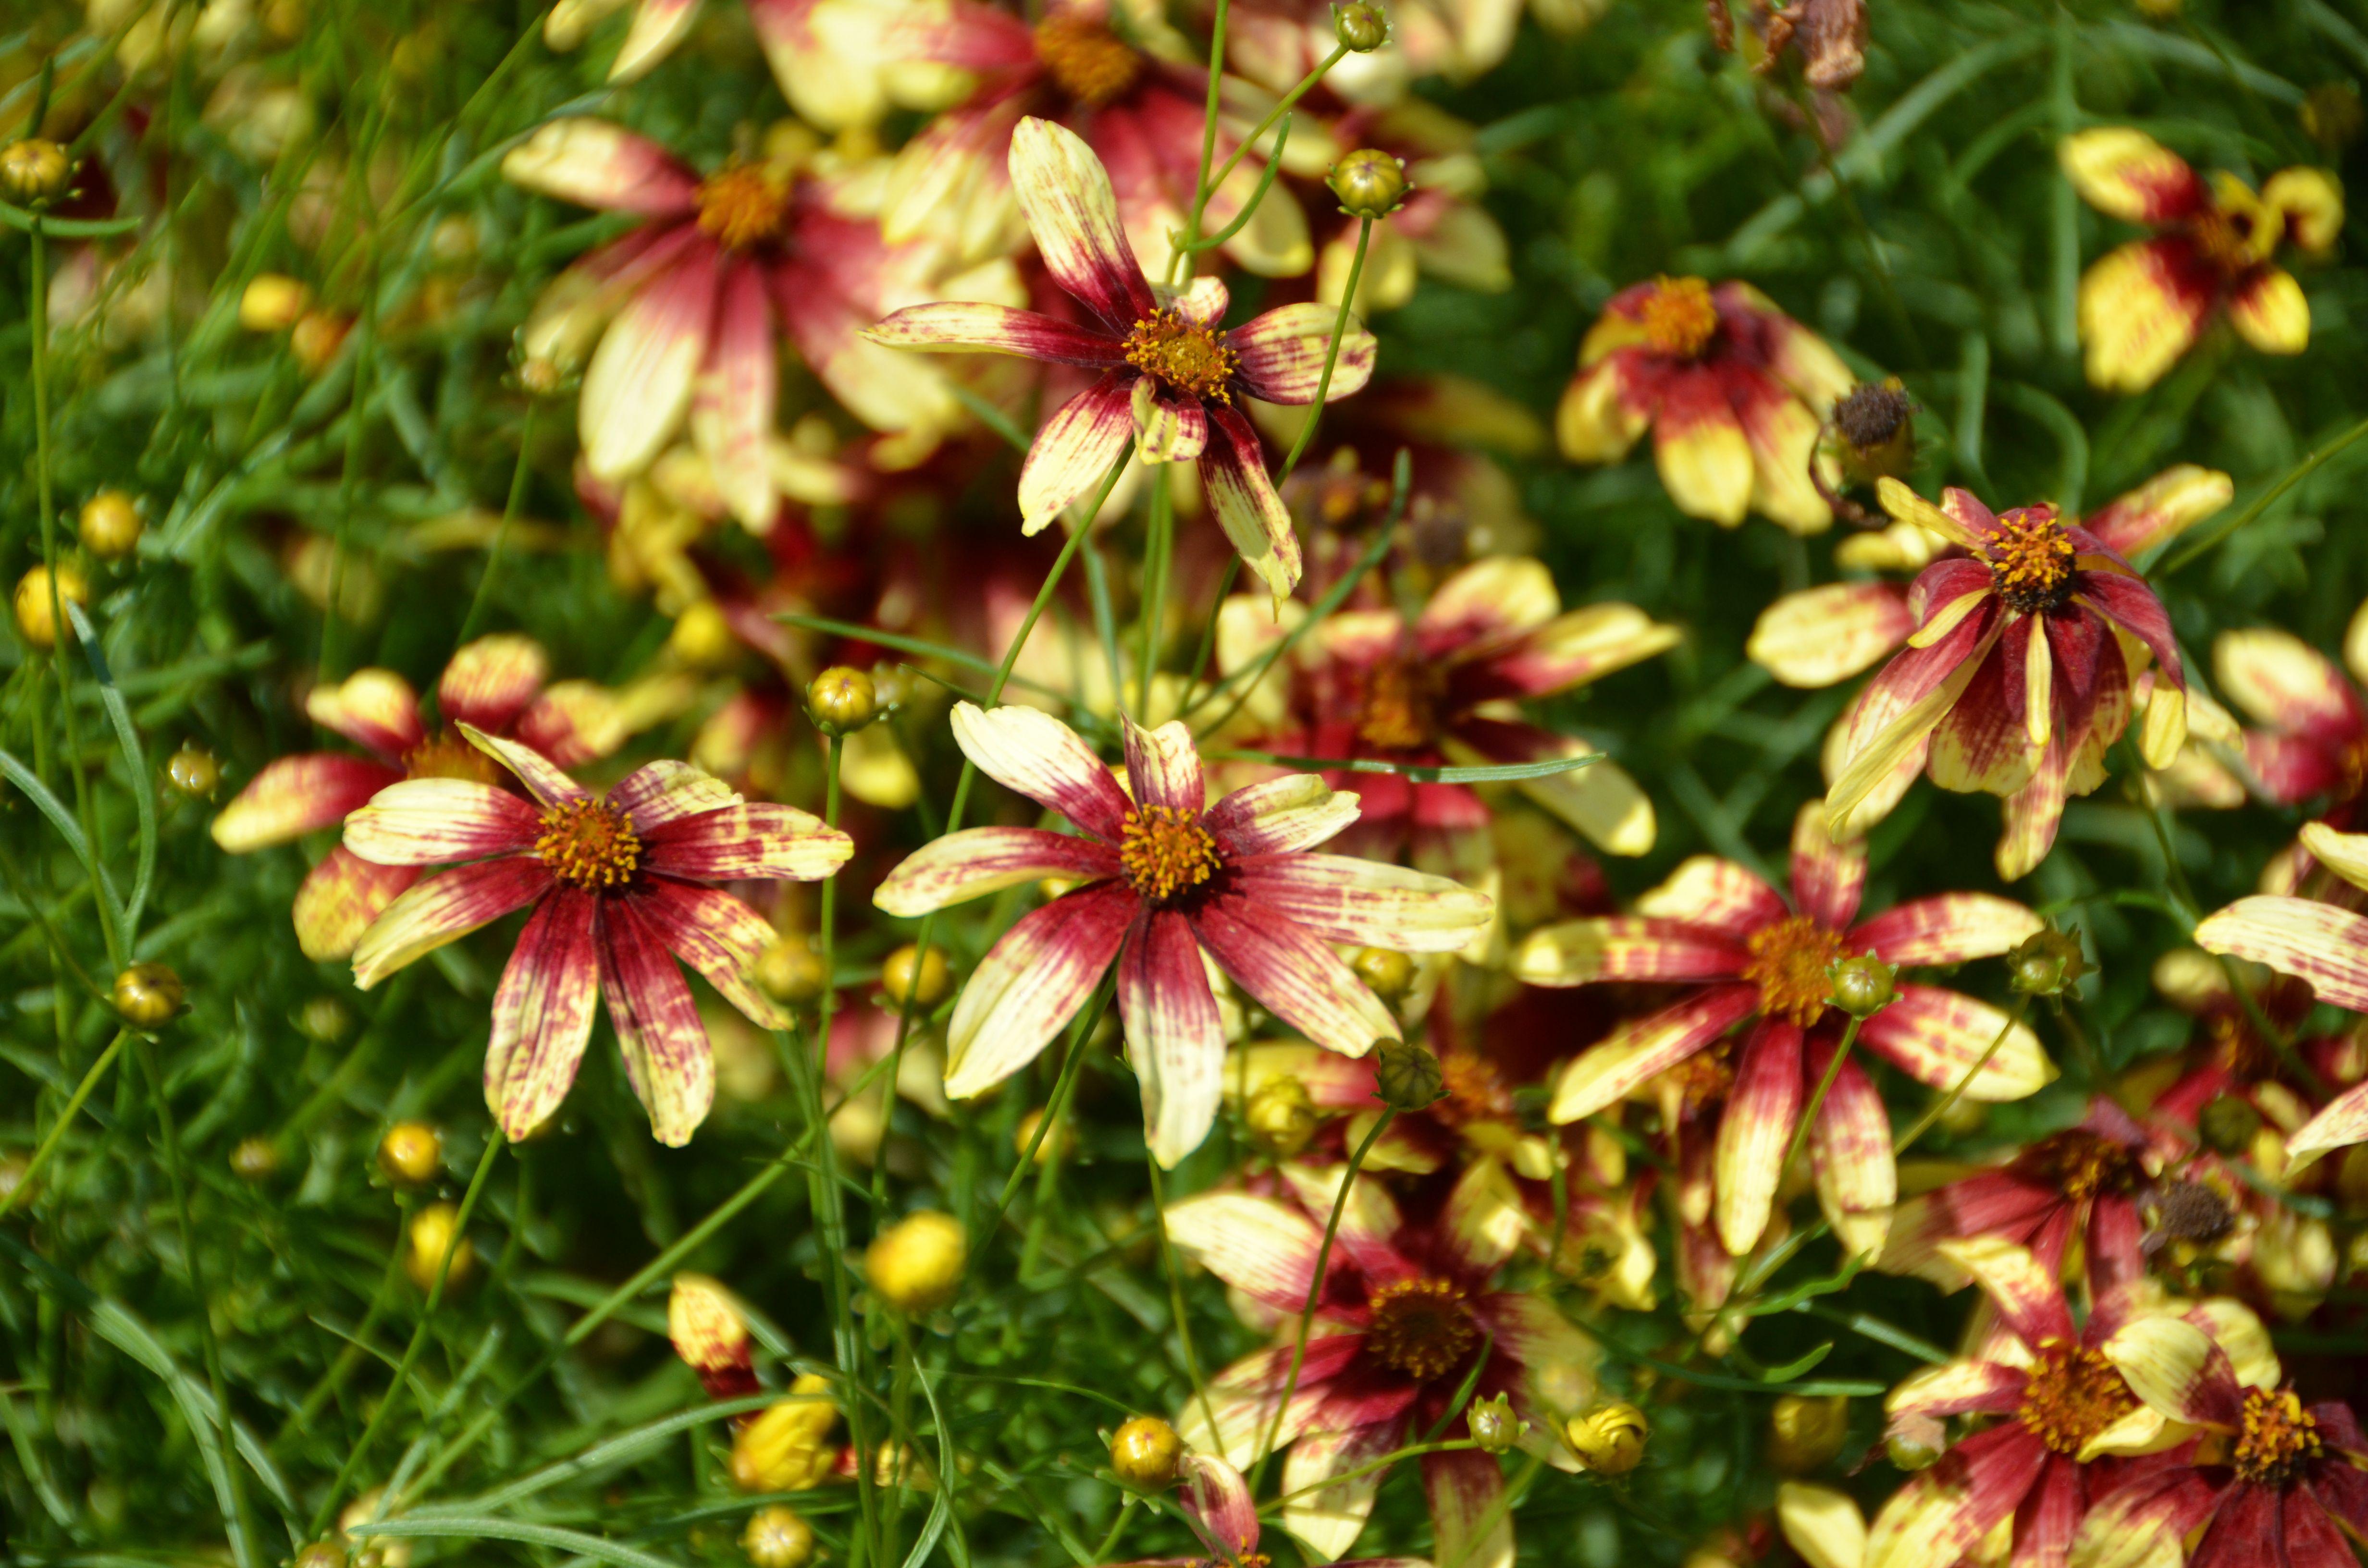 Threadlife Coreopsis 'Redshift'  at Coastal Maine Botanical Gardens.